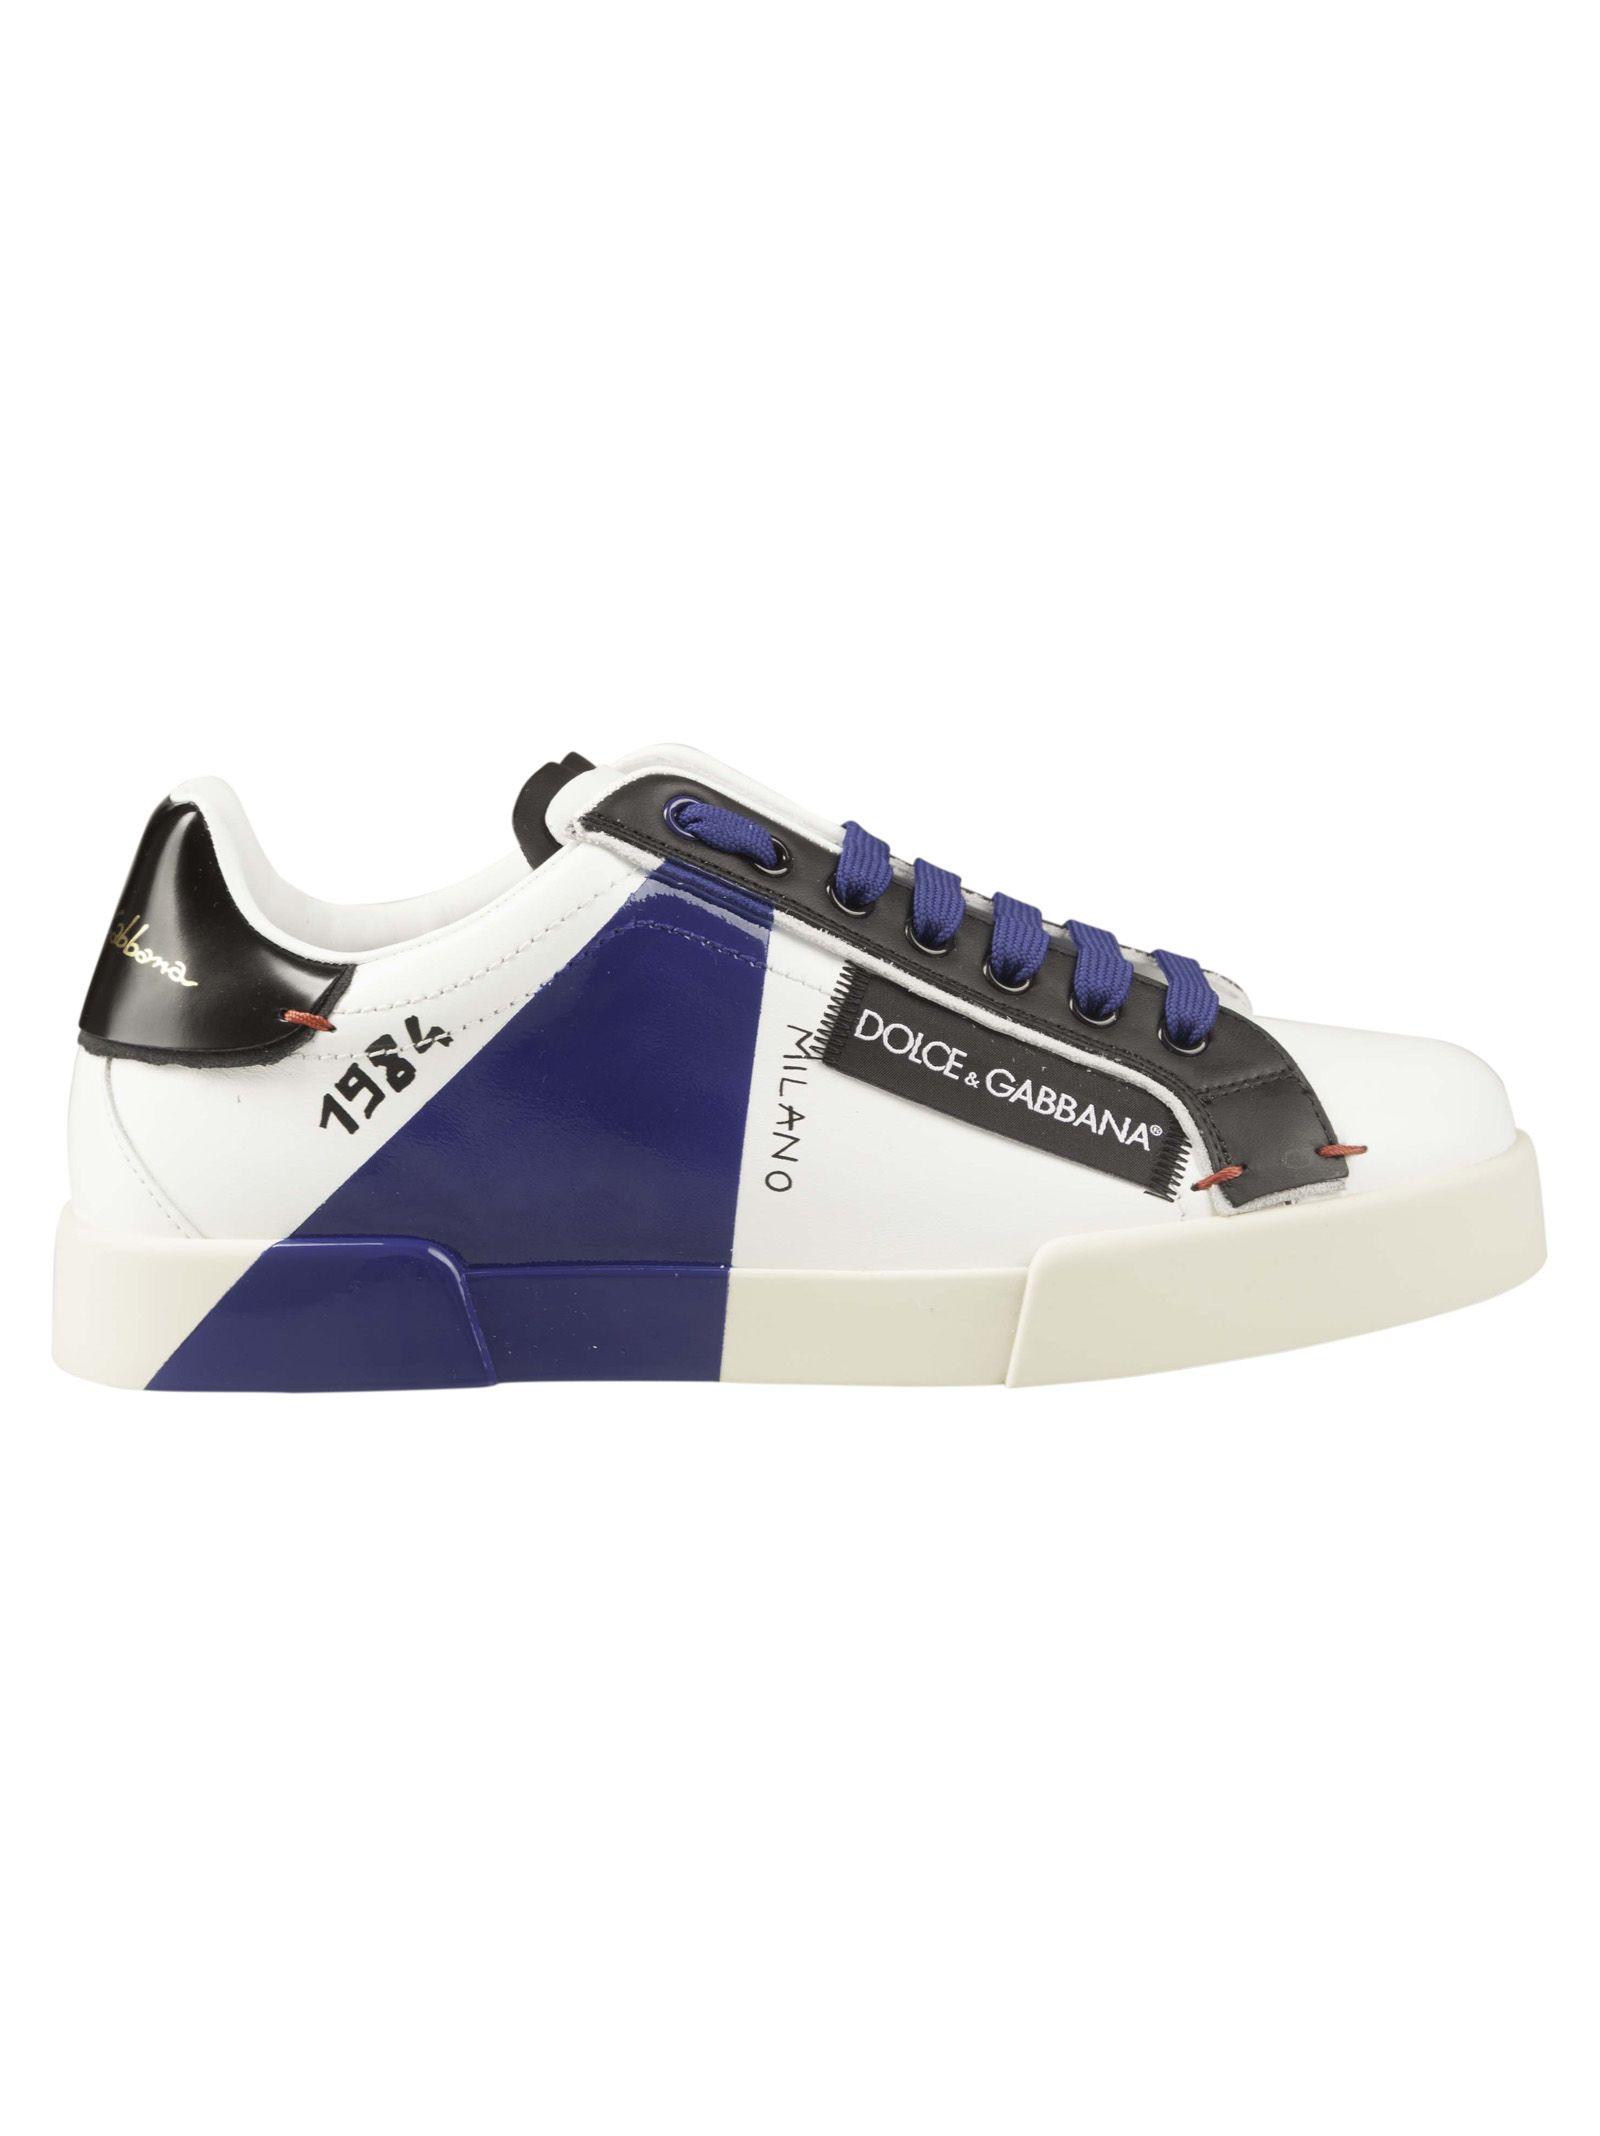 Dolce & Gabbana Milano Portofino Sneakers